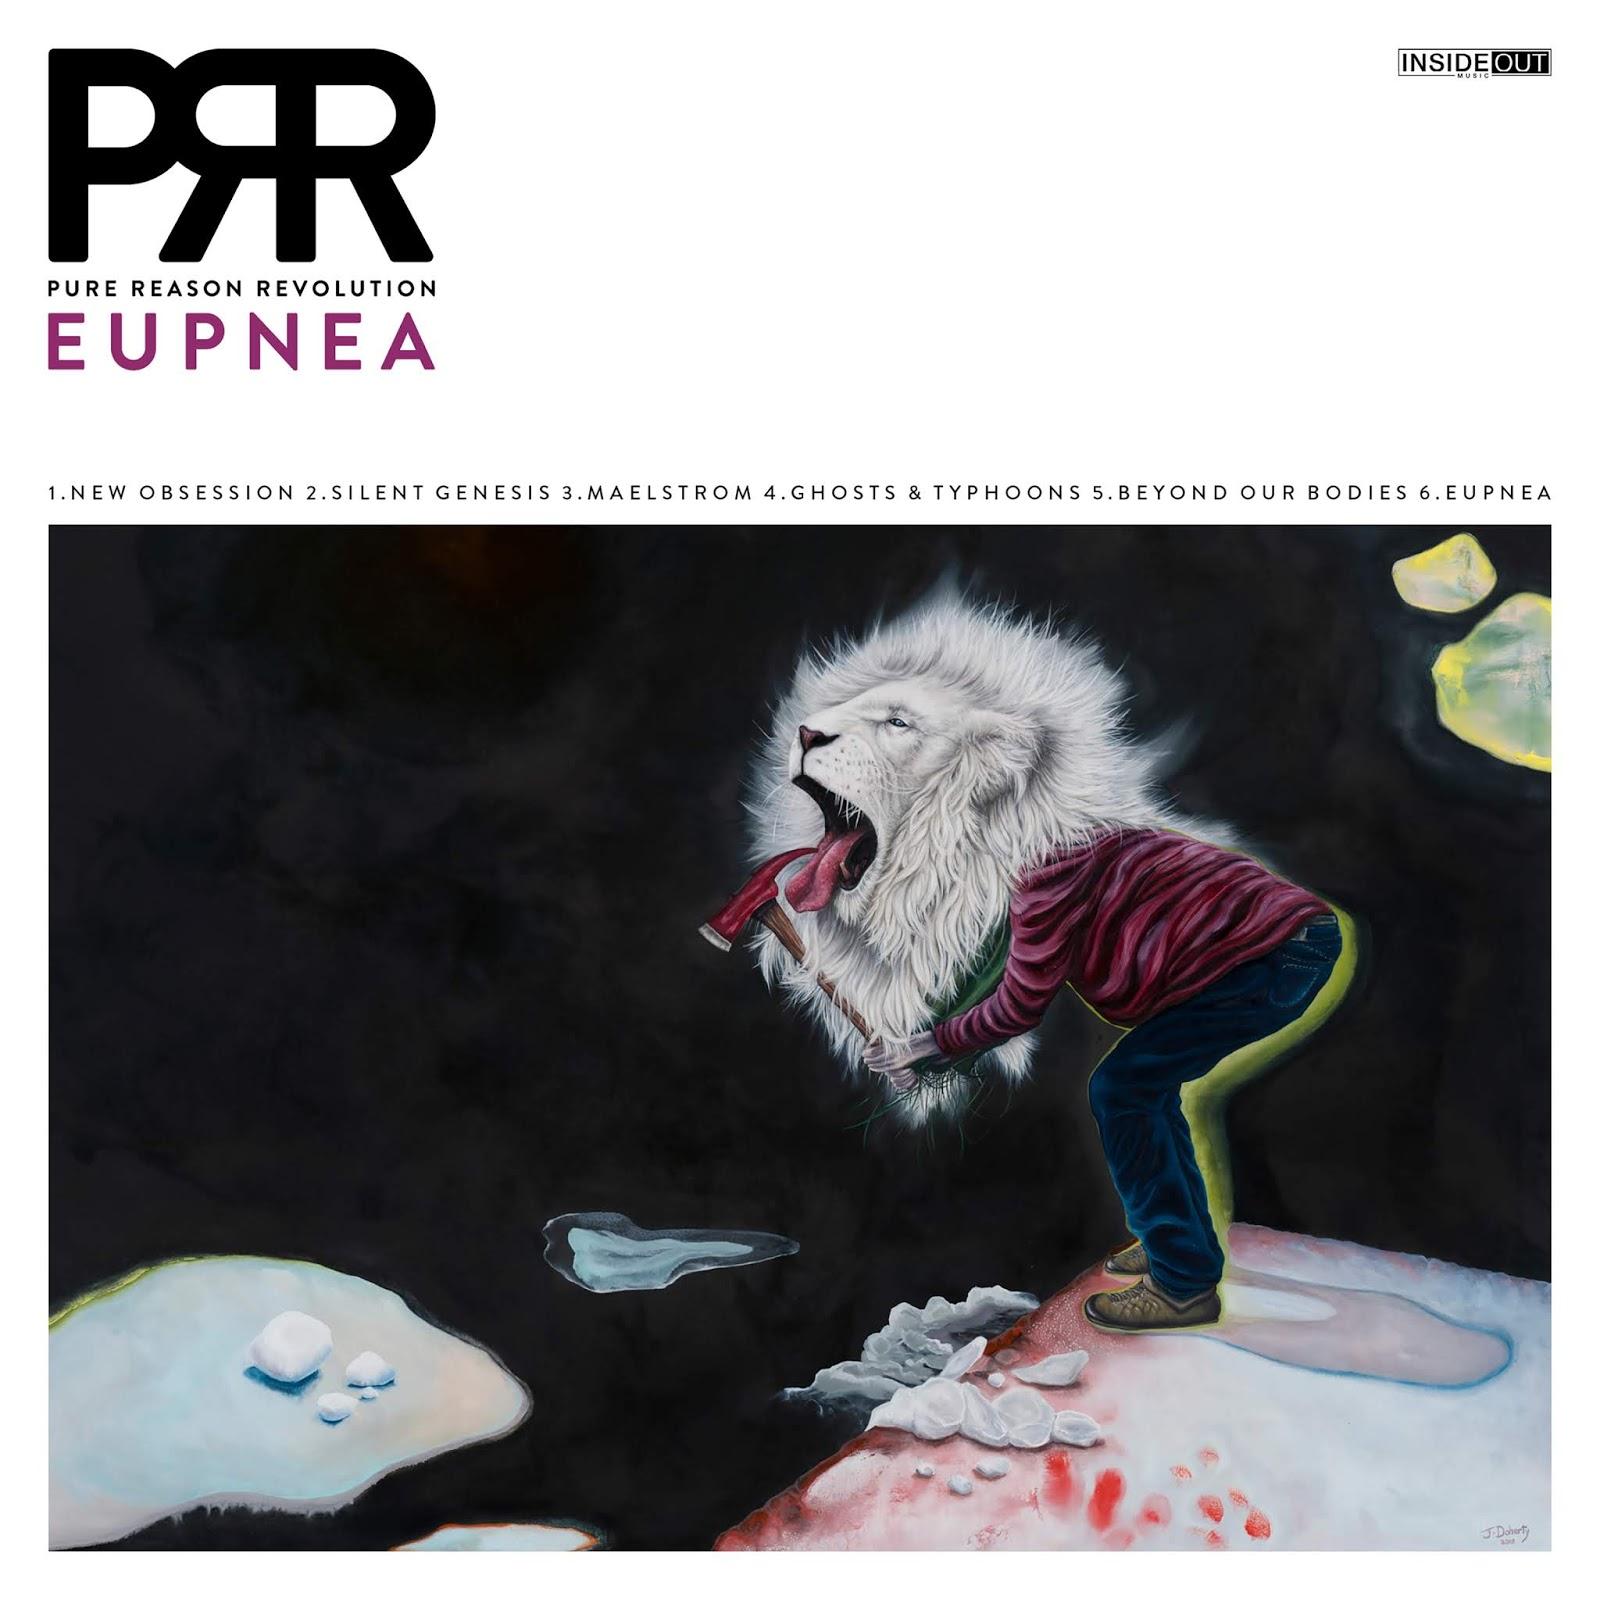 PRR Eupnea cover art